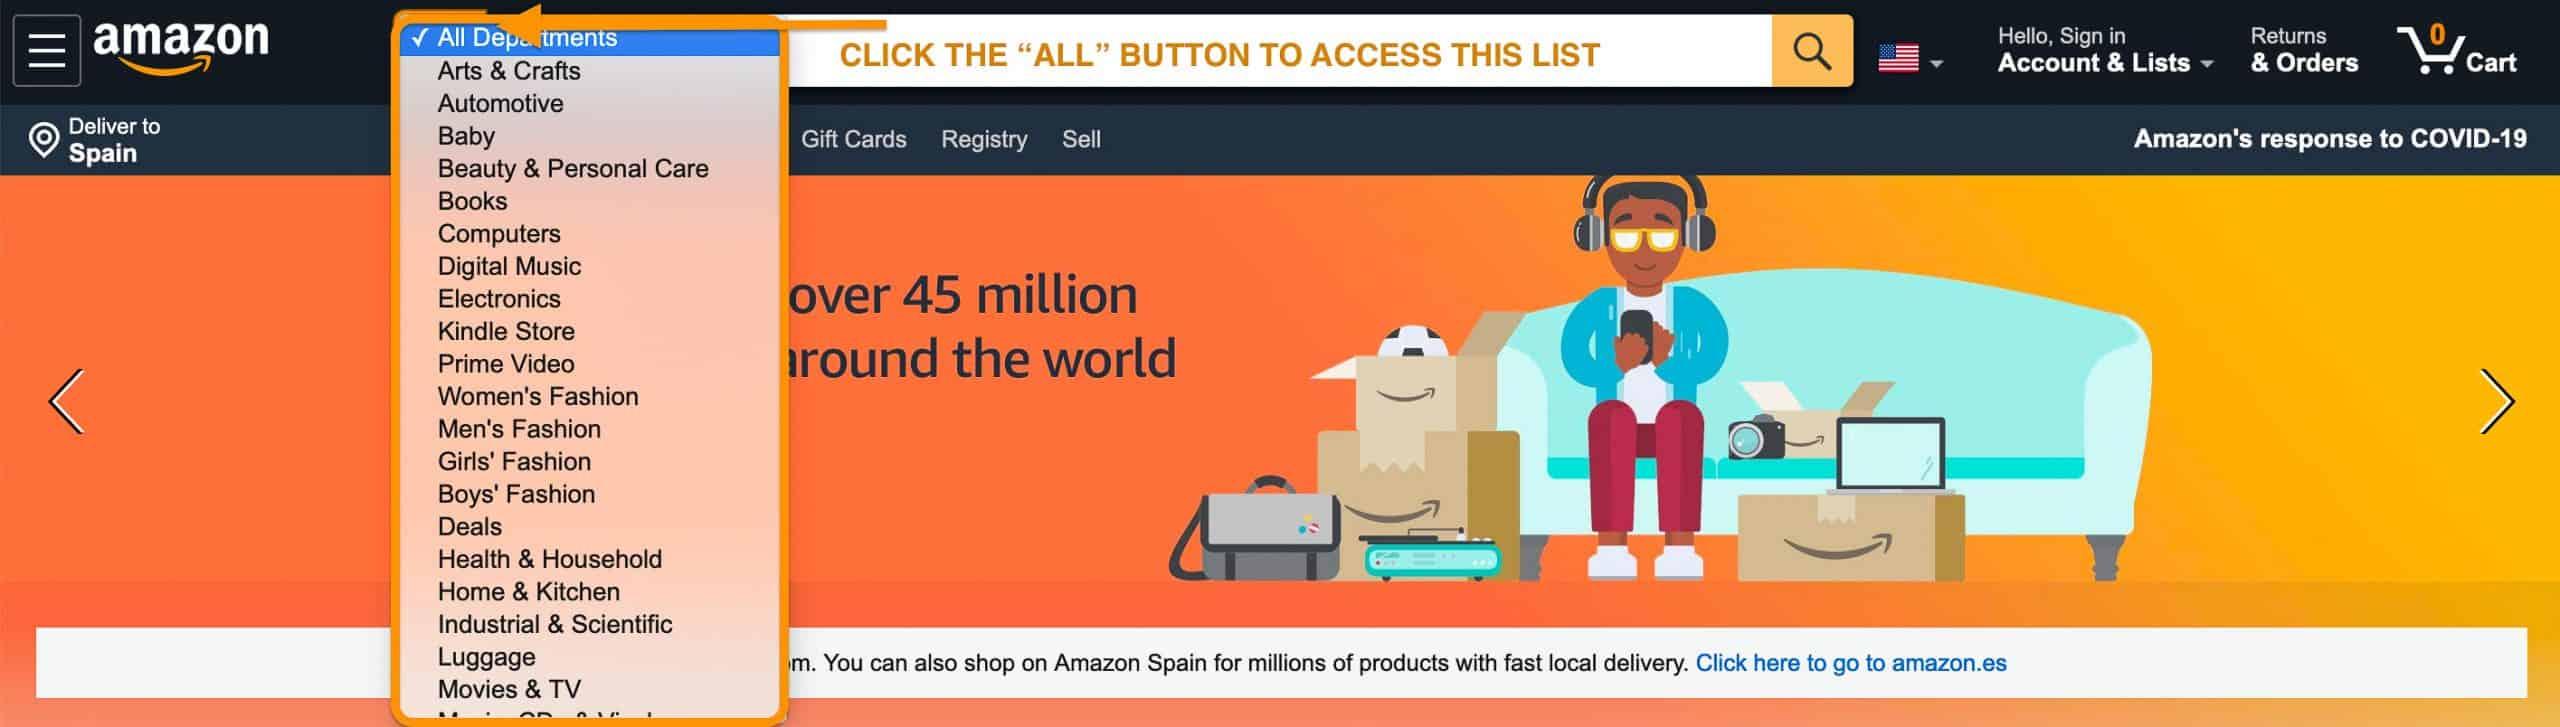 amazon categories